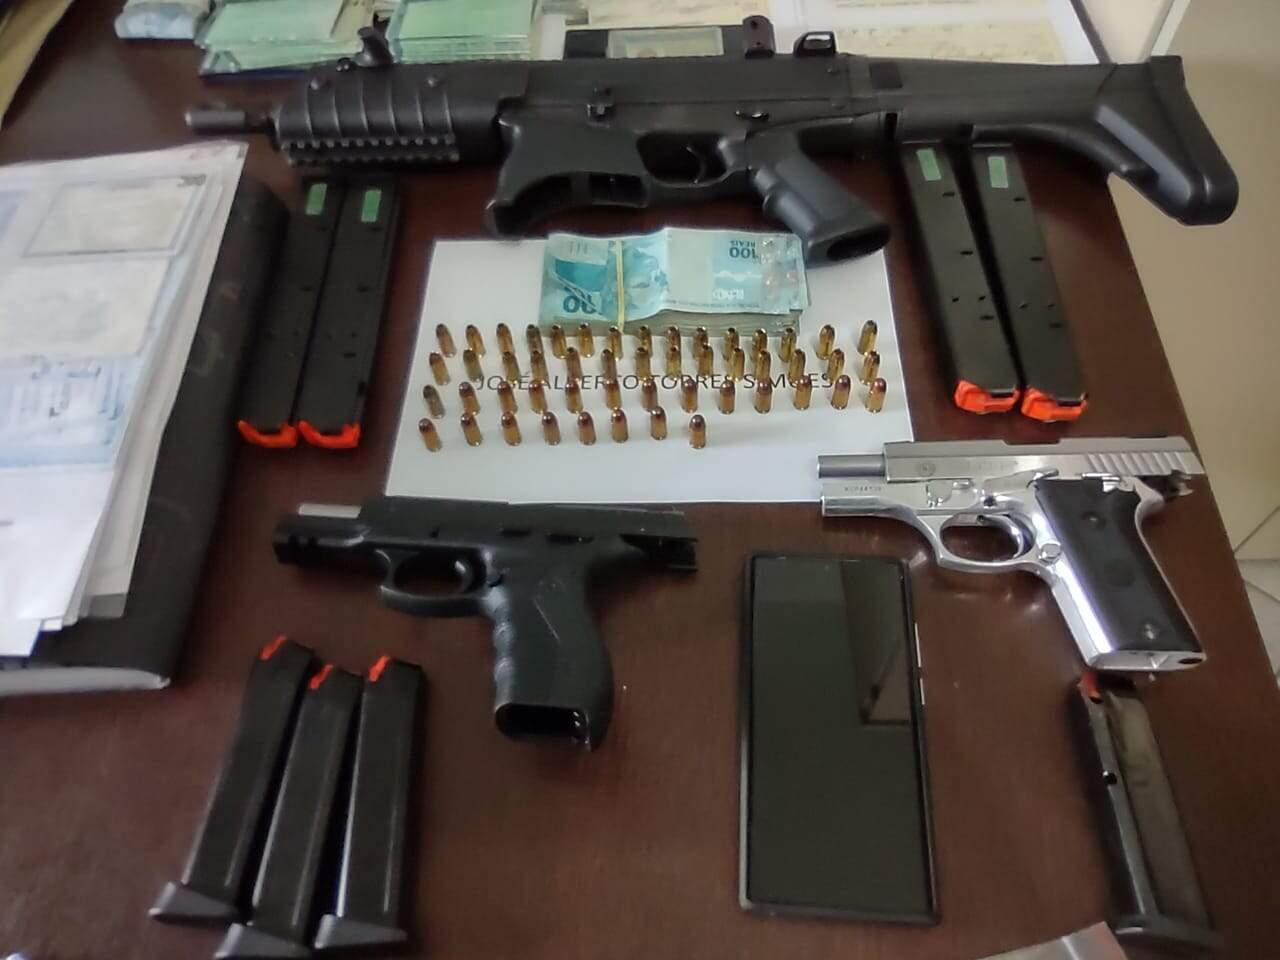 Polícia Civil apreendeu três armas de fogo e munição durante operação